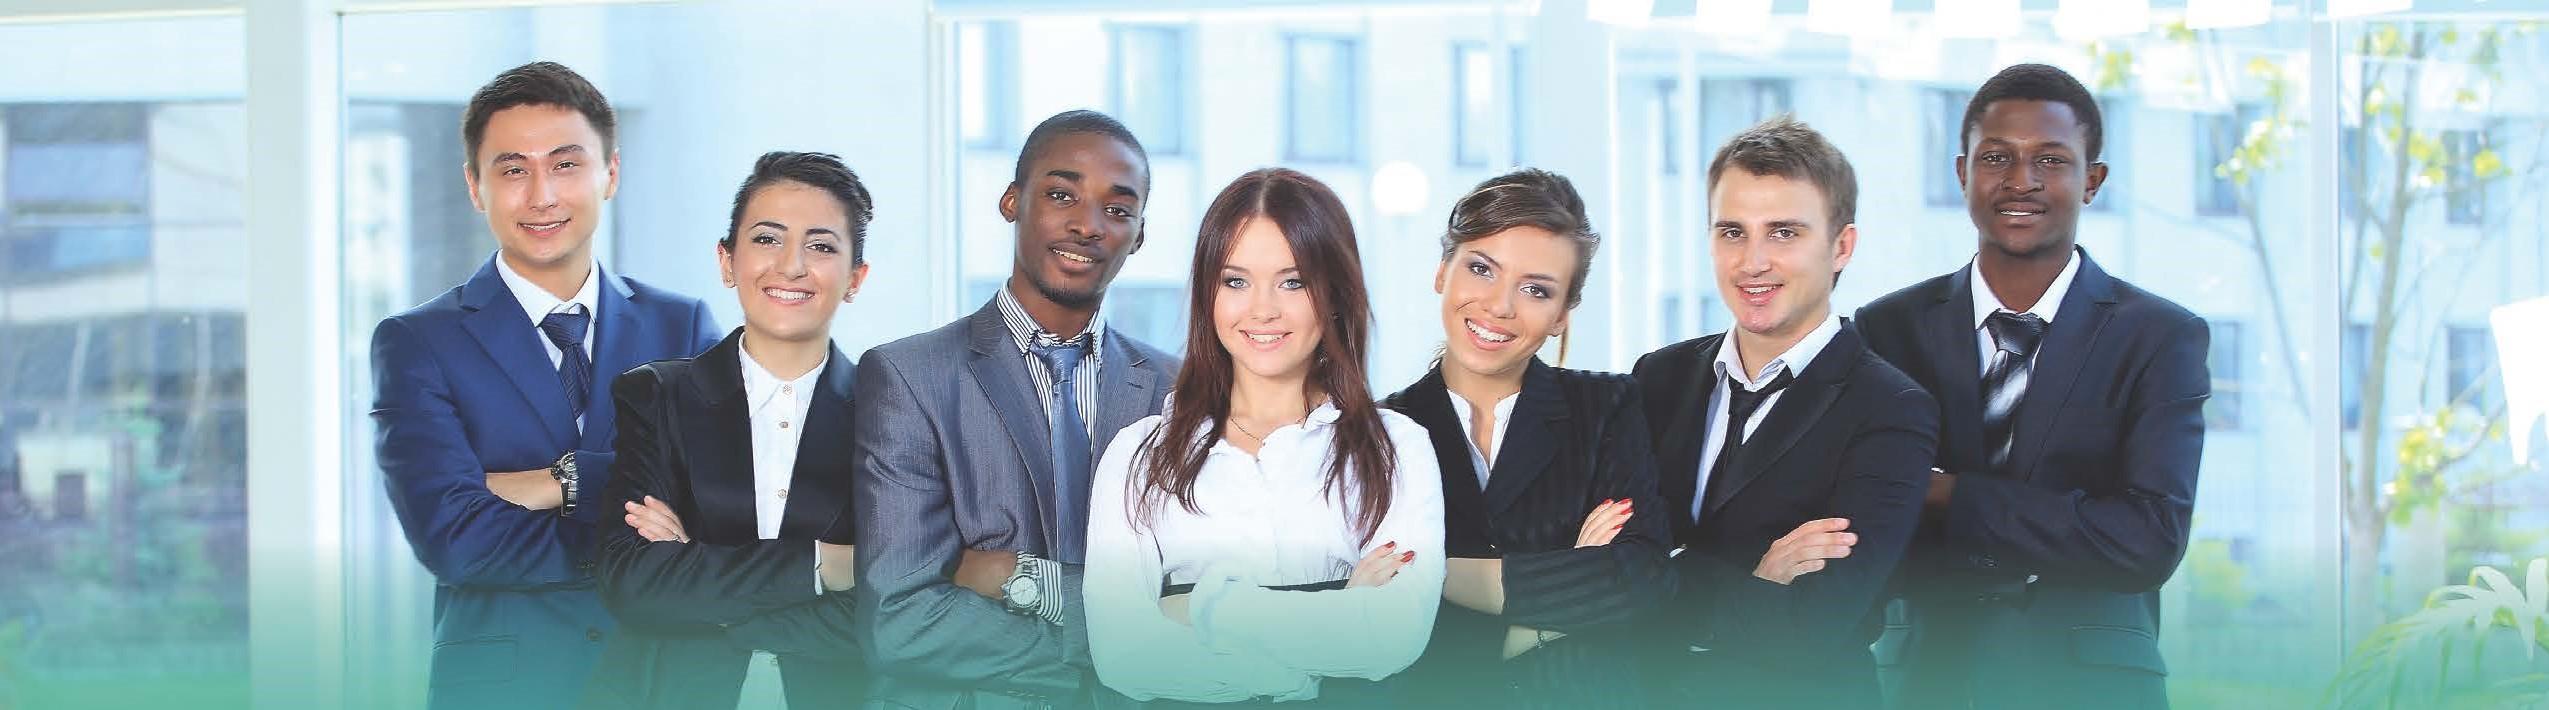 C.O.R.E. Internship Program